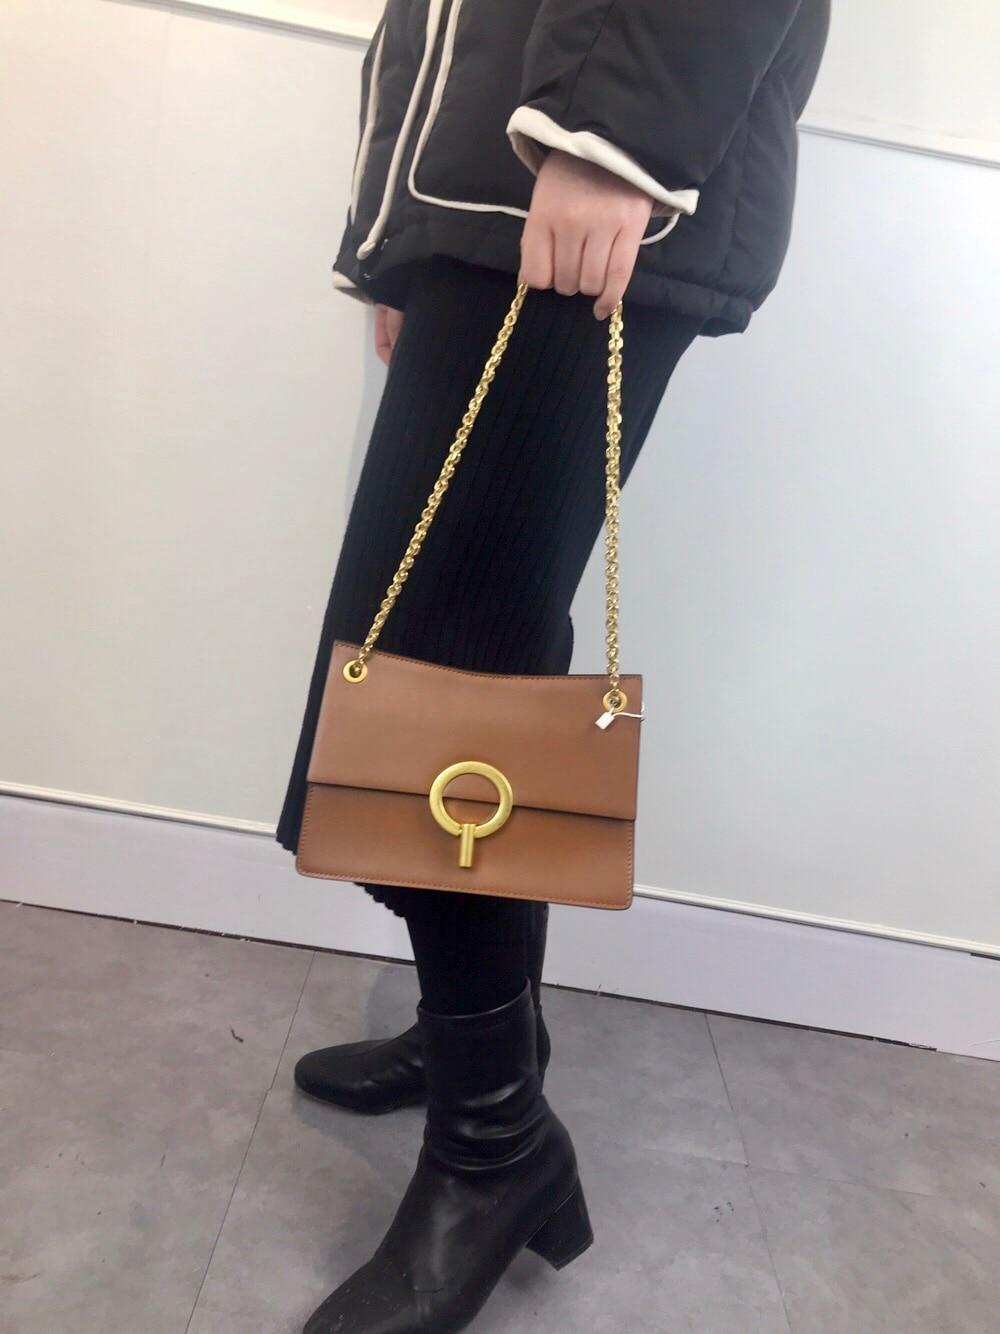 Bolsas Burgundy Femmes Cuir Chaîne De Sur Designer Qualité En Haute Célèbre Sac black Véritable Bandoulière L'épaule Feminina Kafunila brown Sacs xSwEqTnZCt